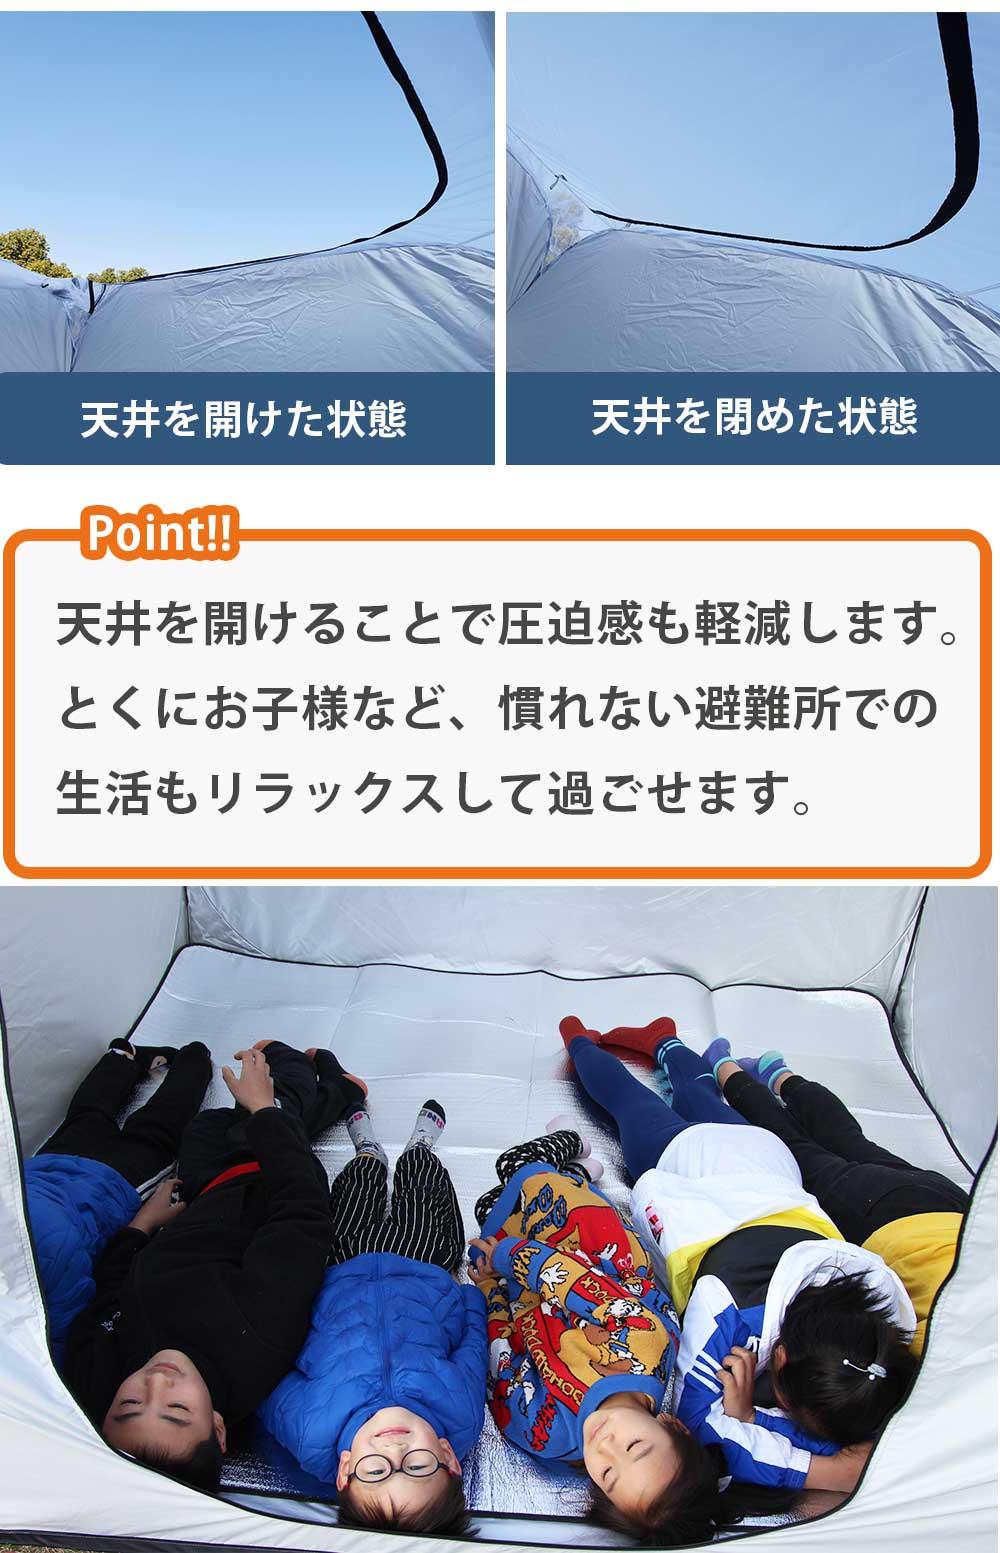 倶楽部 避難 所 麻雀 格闘 クリアレート表/Lv38